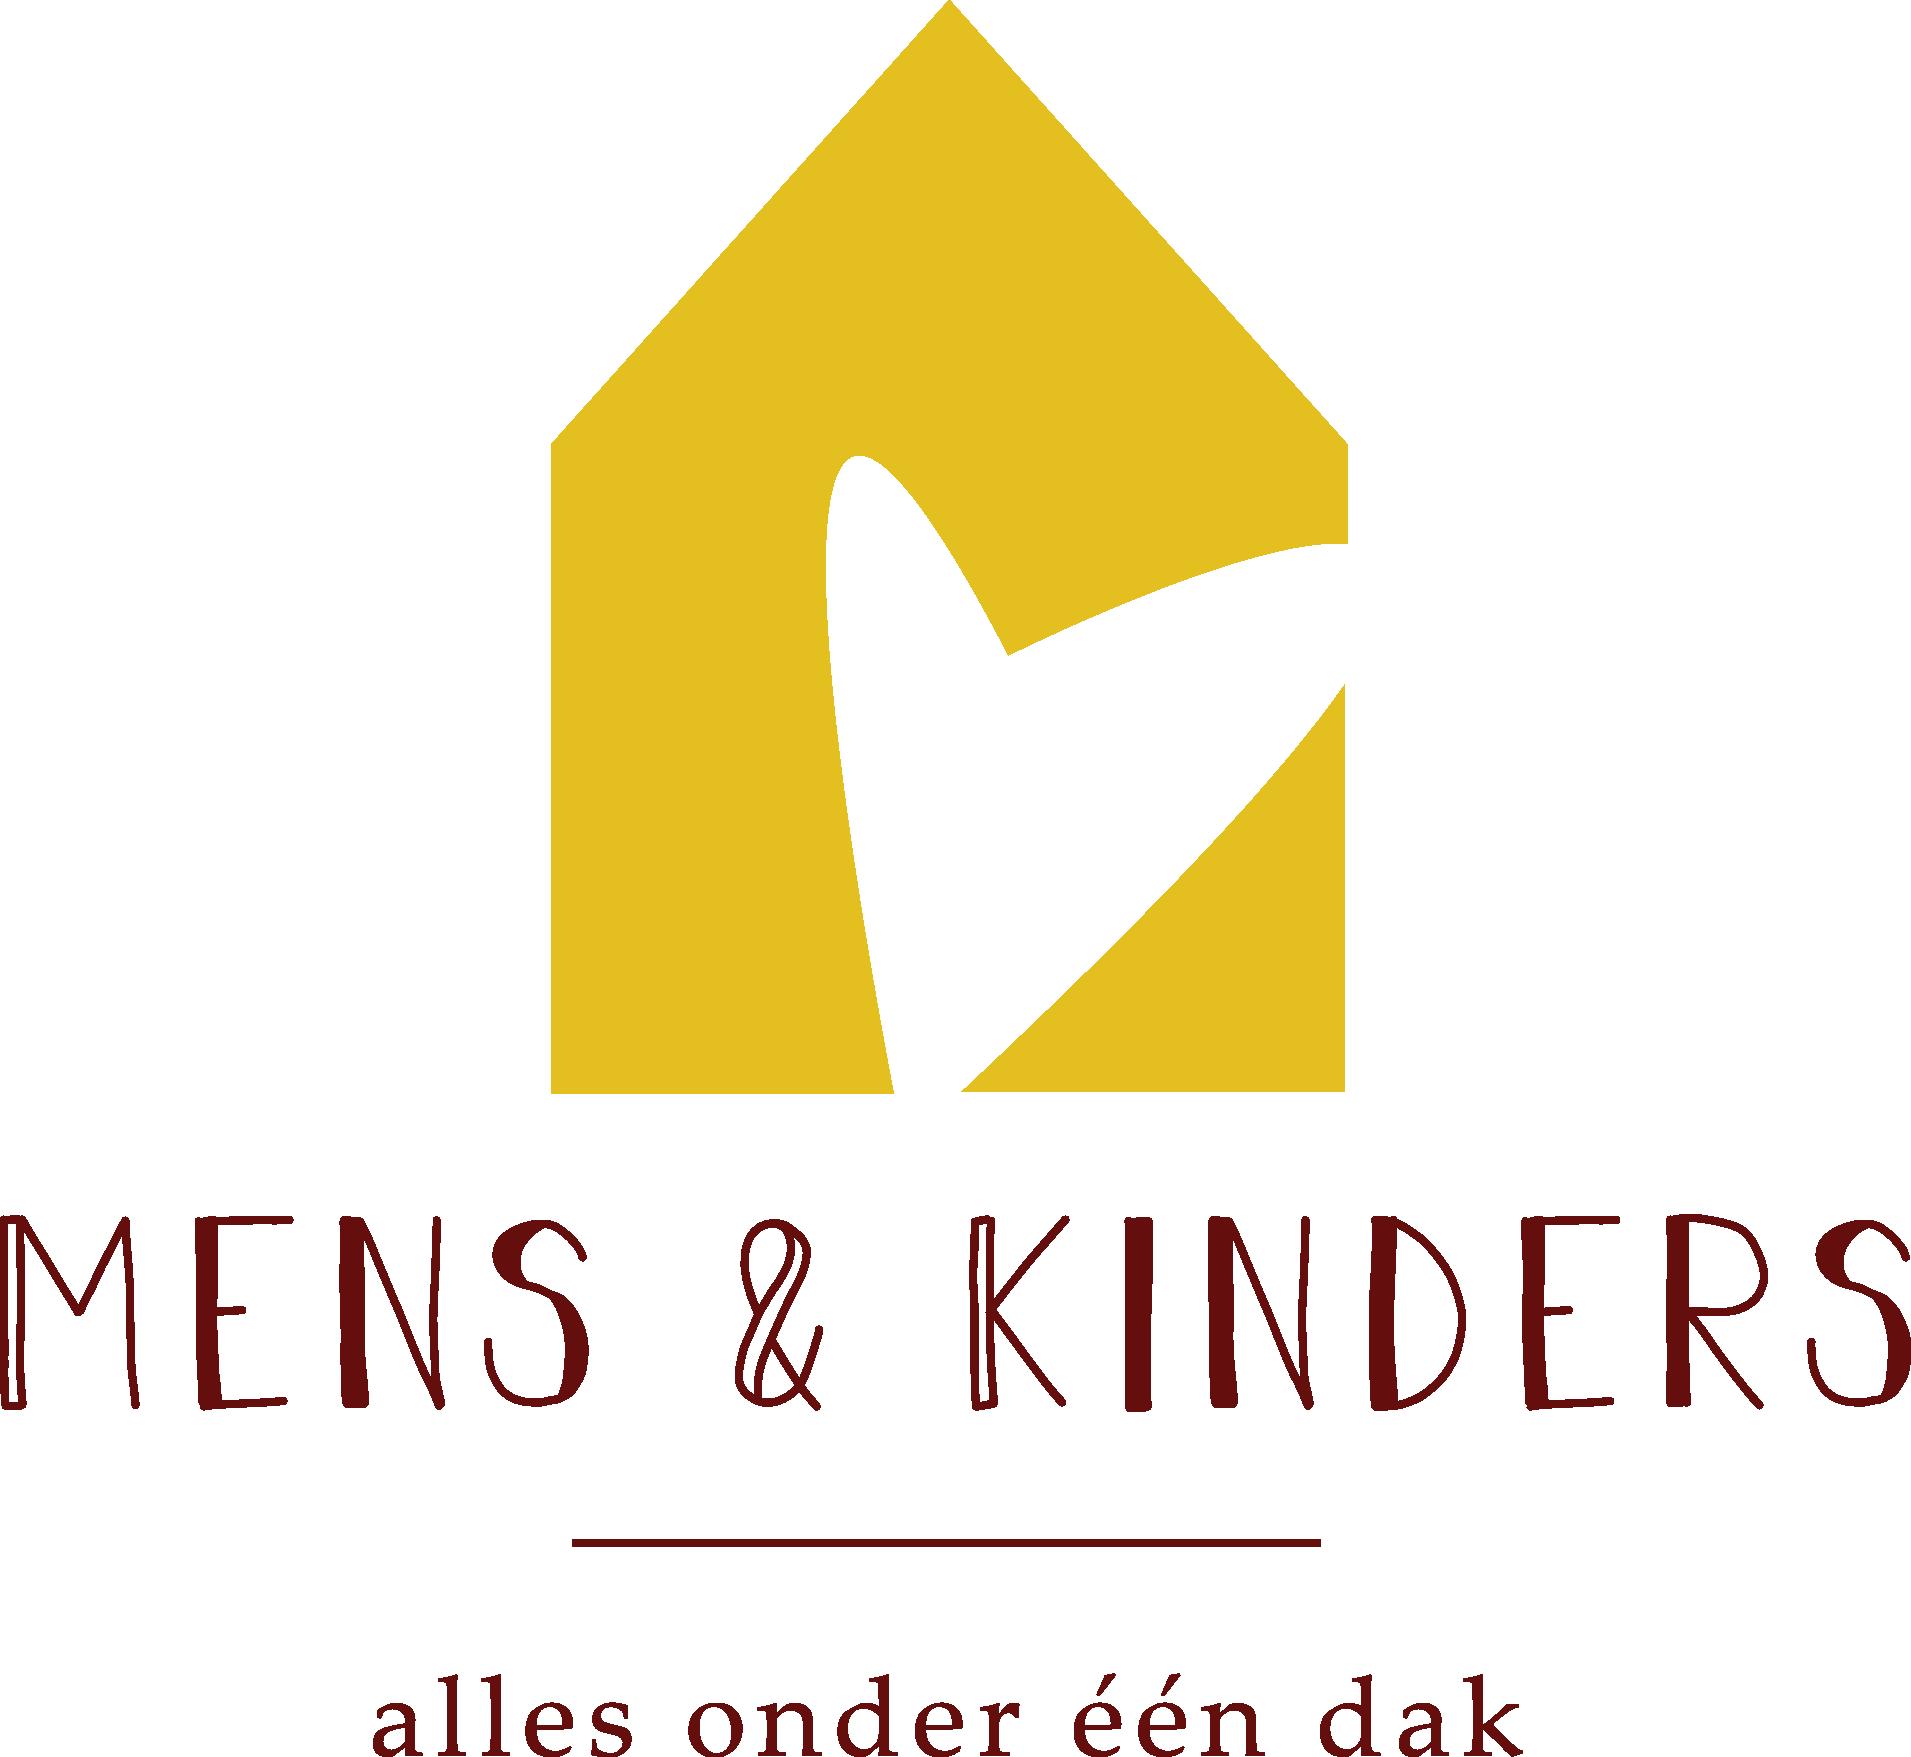 Mens & Kinders